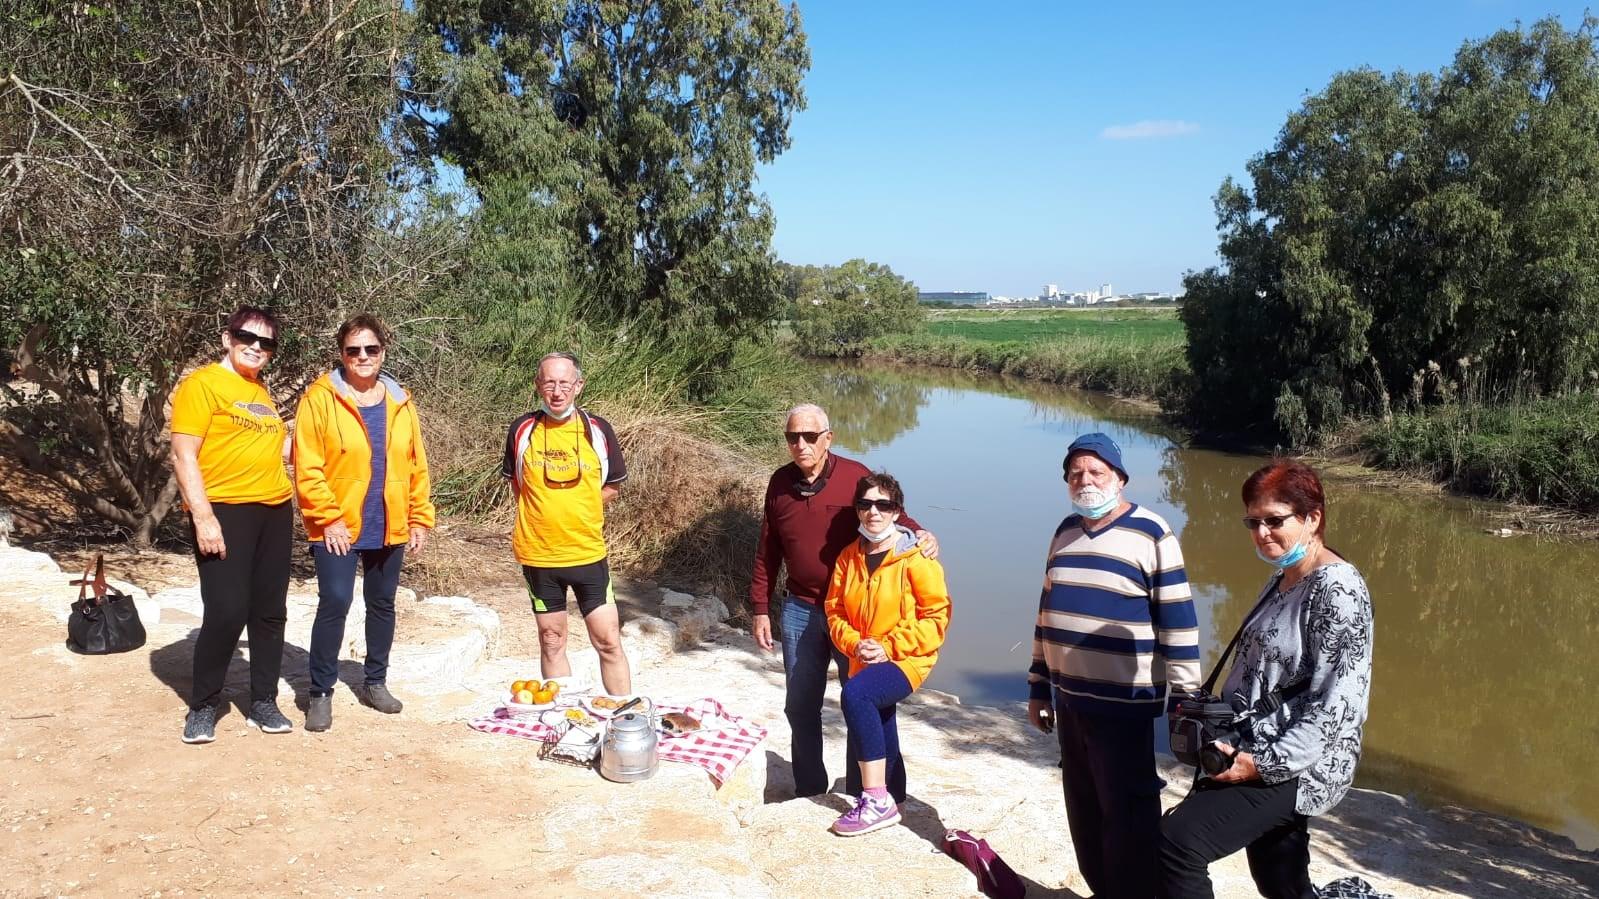 מקדמים שיתופי פעולה בקהילות סביב הנחלים